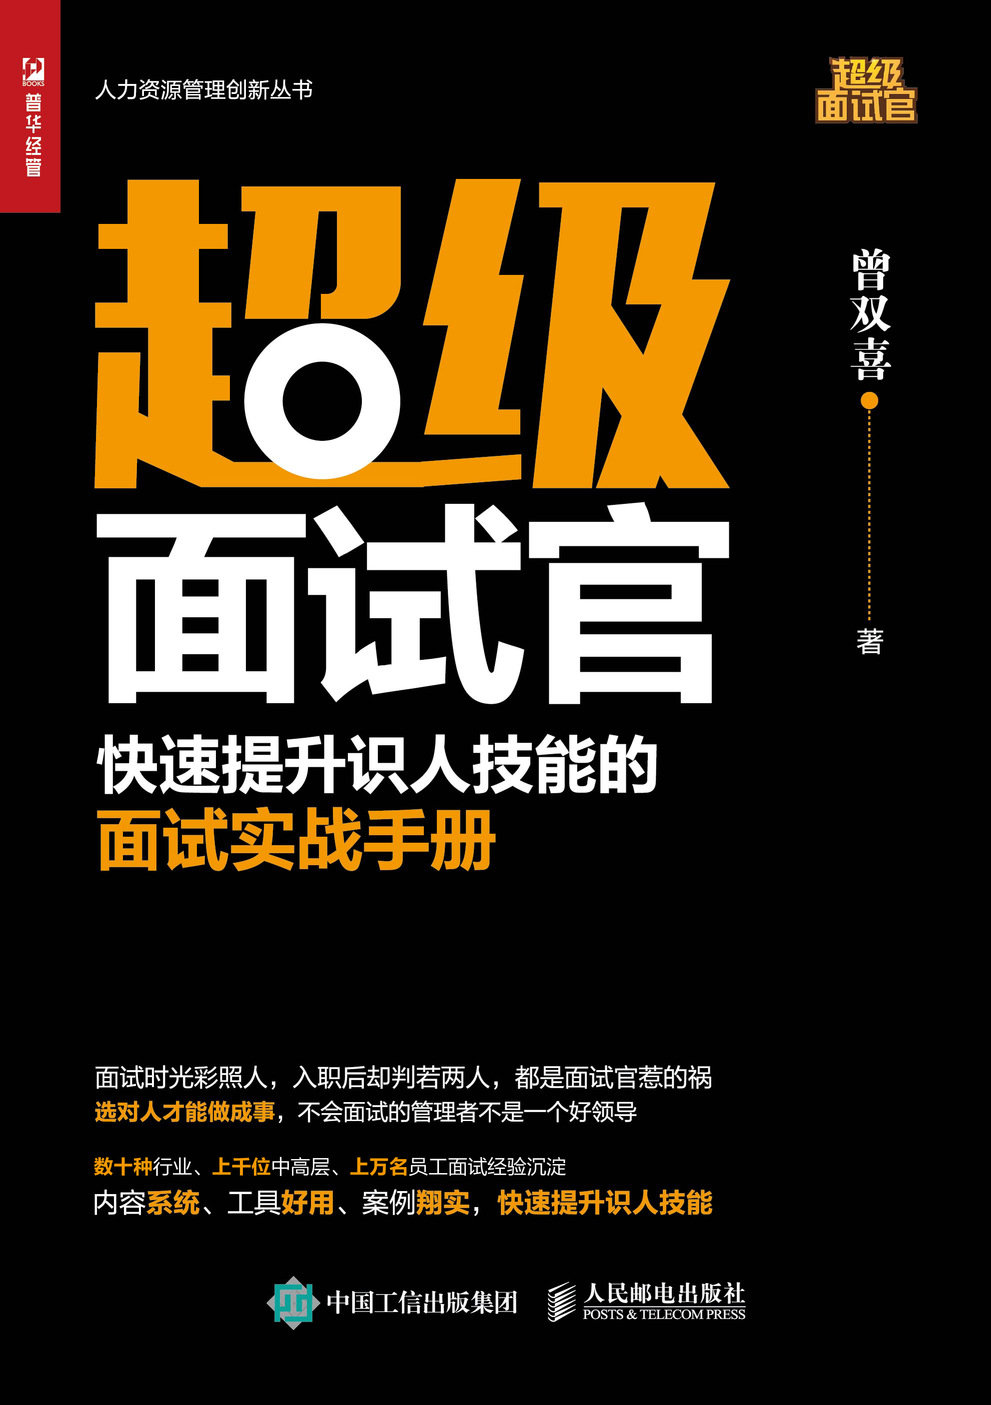 超級面試官 快速提升識人技能的面試實戰手冊-preview-1